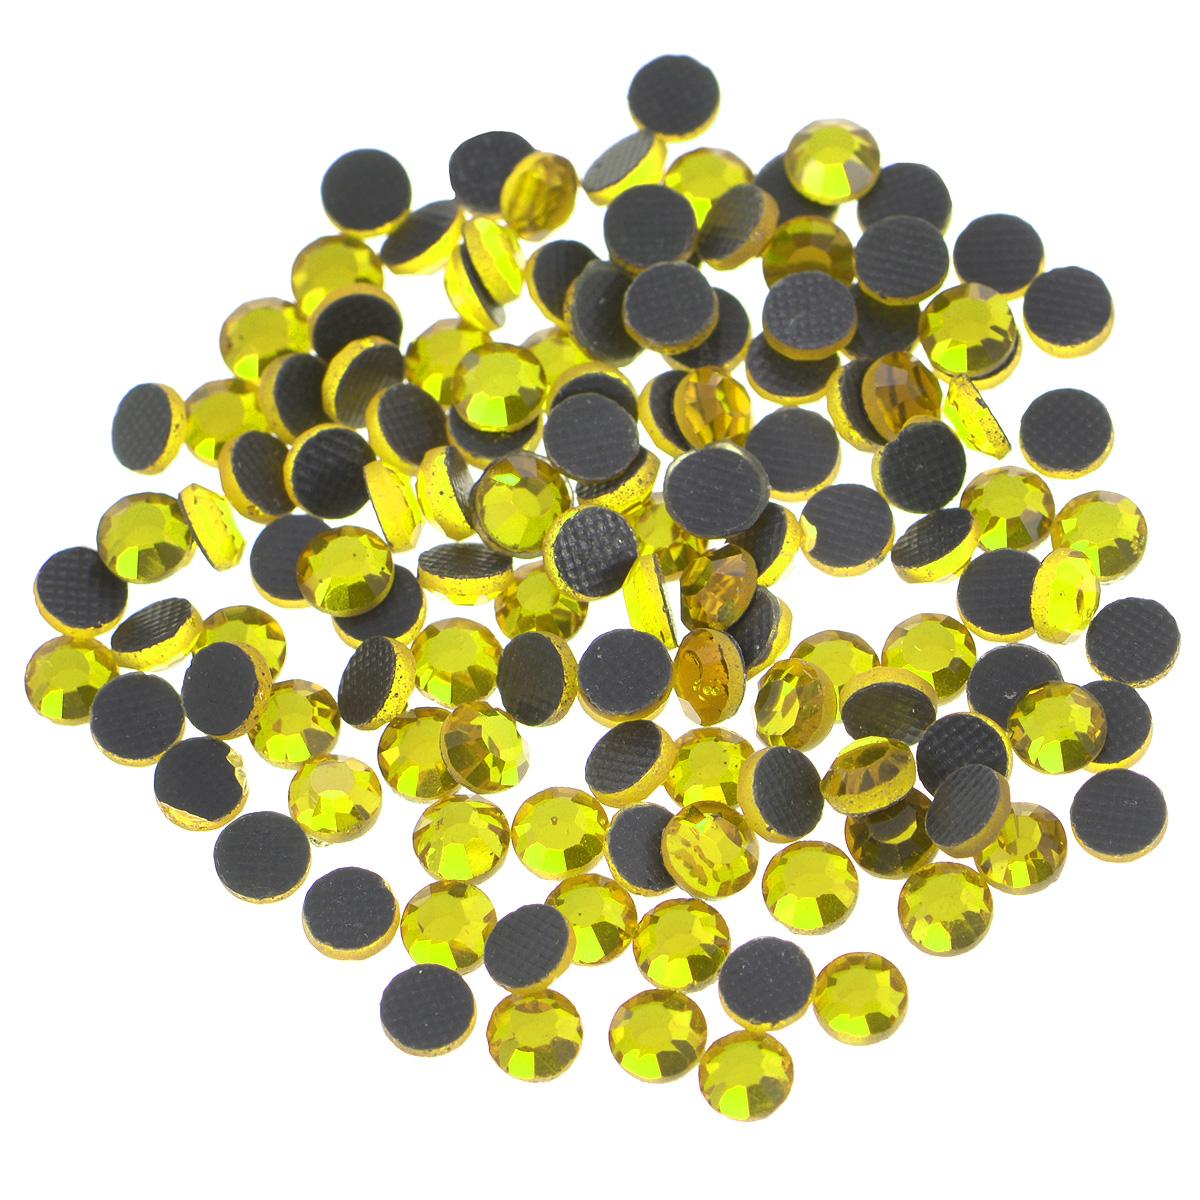 Стразы термоклеевые Cristal, цвет: желтый (249), диаметр 4 мм, 144 шт7706831_249Набор термоклеевых страз Cristal, изготовленный из высококачественного акрила, позволит вам украсить одежду, аксессуары или текстиль. Яркие стразы имеют плоское дно и круглую поверхность с гранями.Дно термоклеевых страз уже обработано особым клеем, который под воздействием высоких температур начинает плавиться, приклеиваясь, таким образом, к требуемой поверхности. Чаще всего их используют в текстильной промышленности: стразы прикладывают к ткани и проглаживают утюгом с обратной стороны. Также можно использовать специальный паяльник. Украшение стразами поможет сделать любую вещь оригинальной и неповторимой. Диаметр стразы: 4 мм.